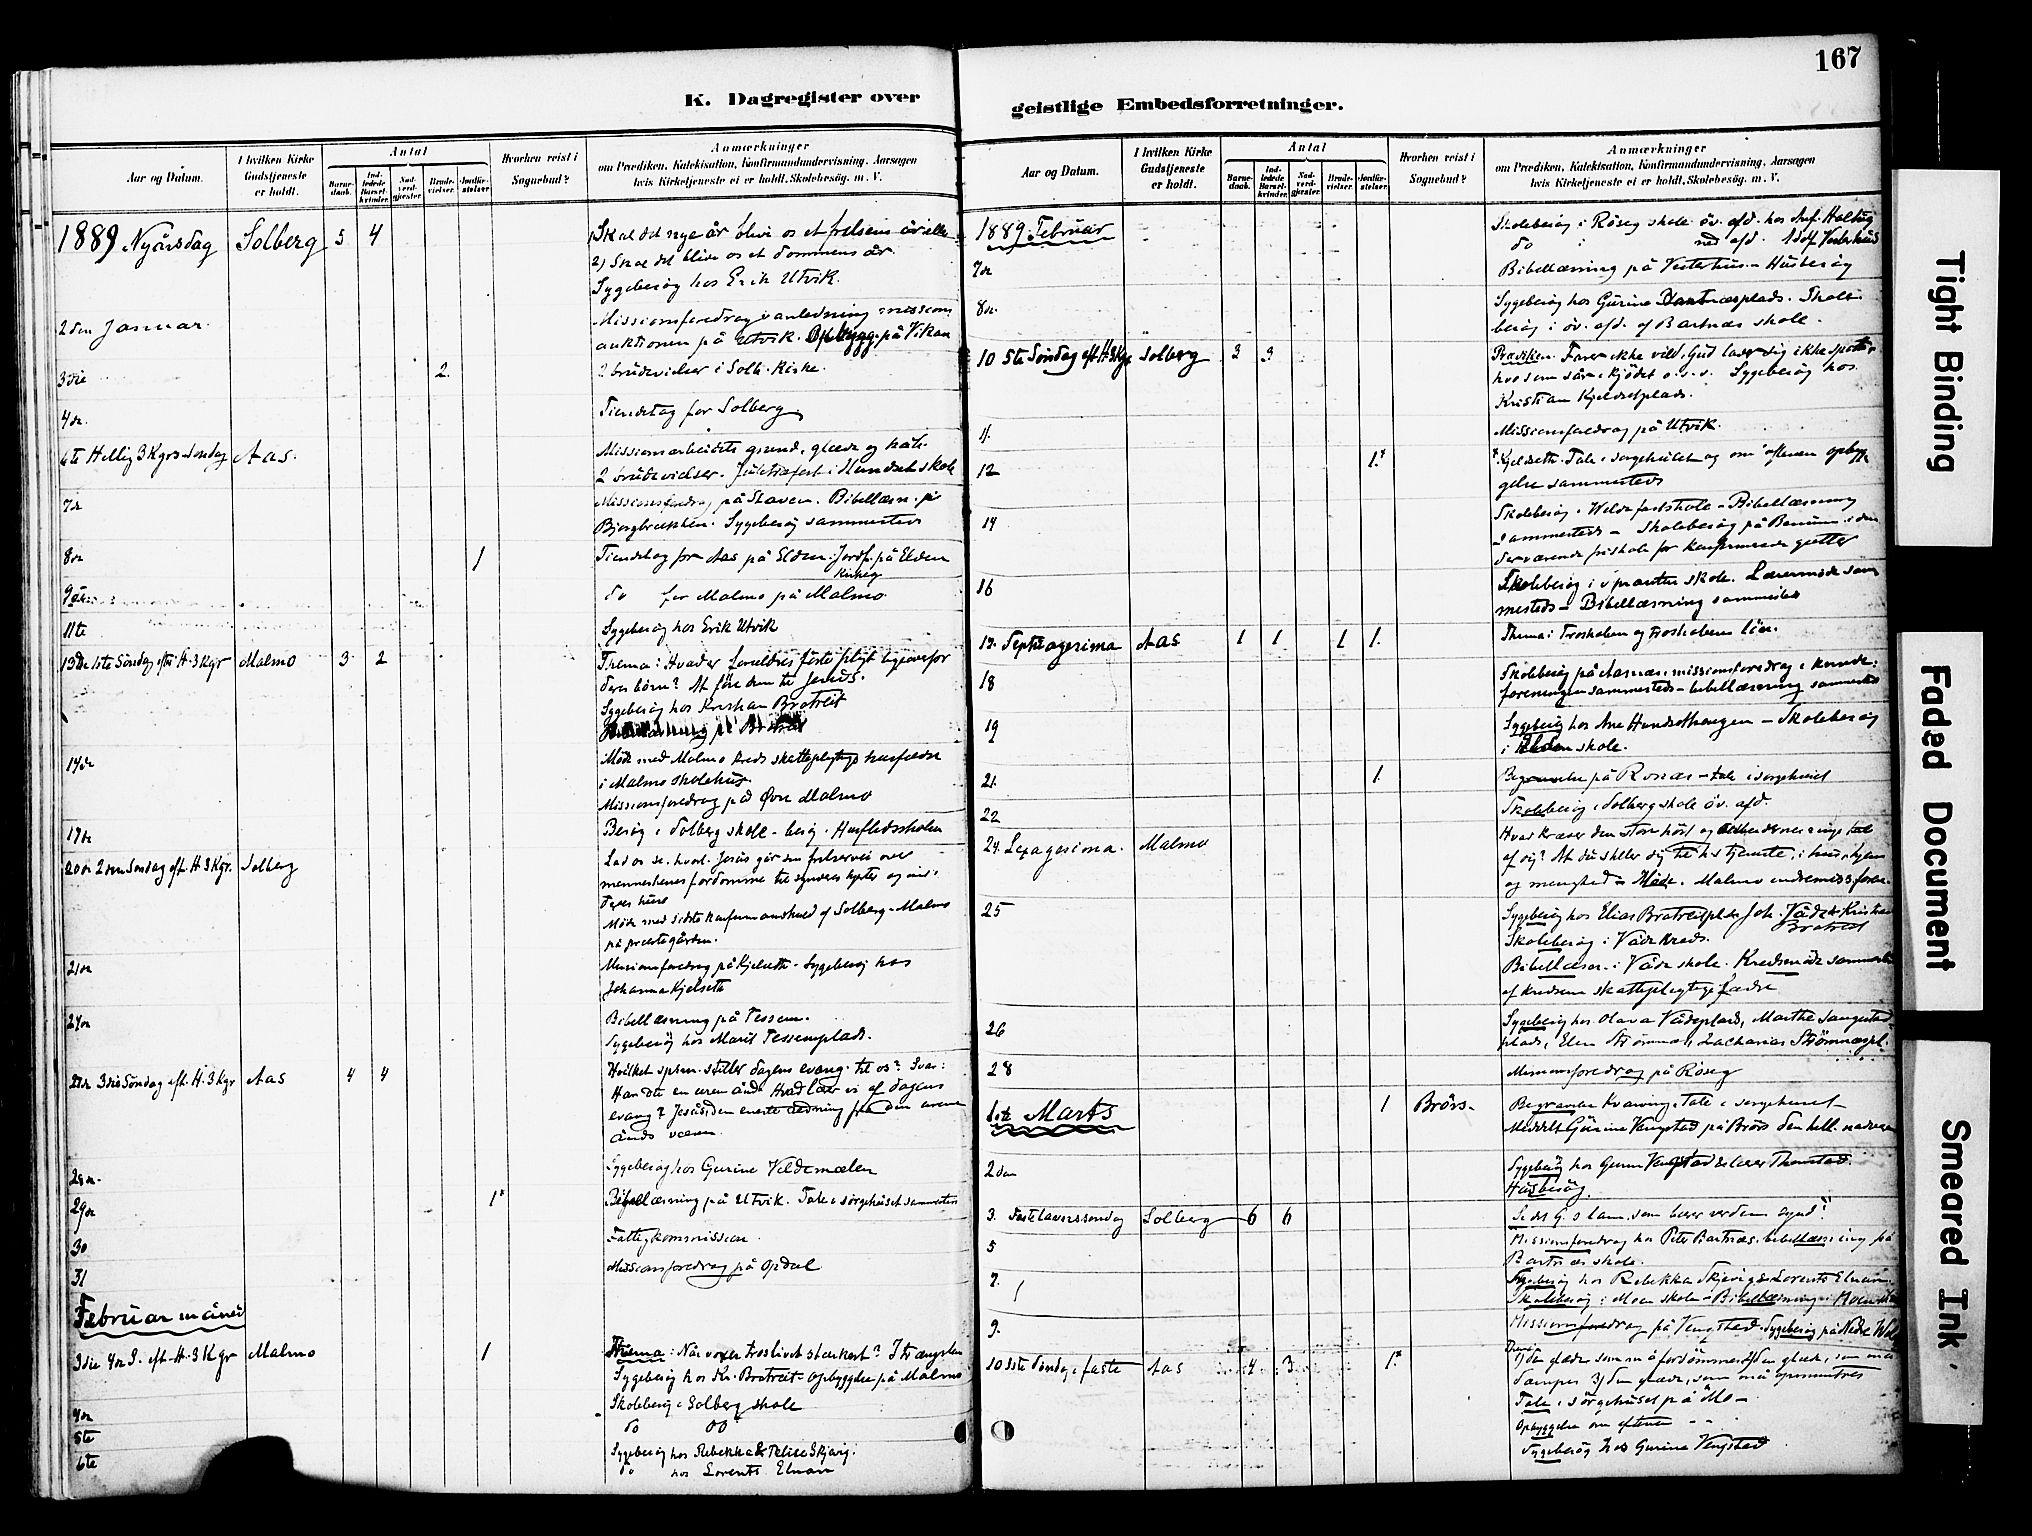 SAT, Ministerialprotokoller, klokkerbøker og fødselsregistre - Nord-Trøndelag, 741/L0396: Ministerialbok nr. 741A10, 1889-1901, s. 167